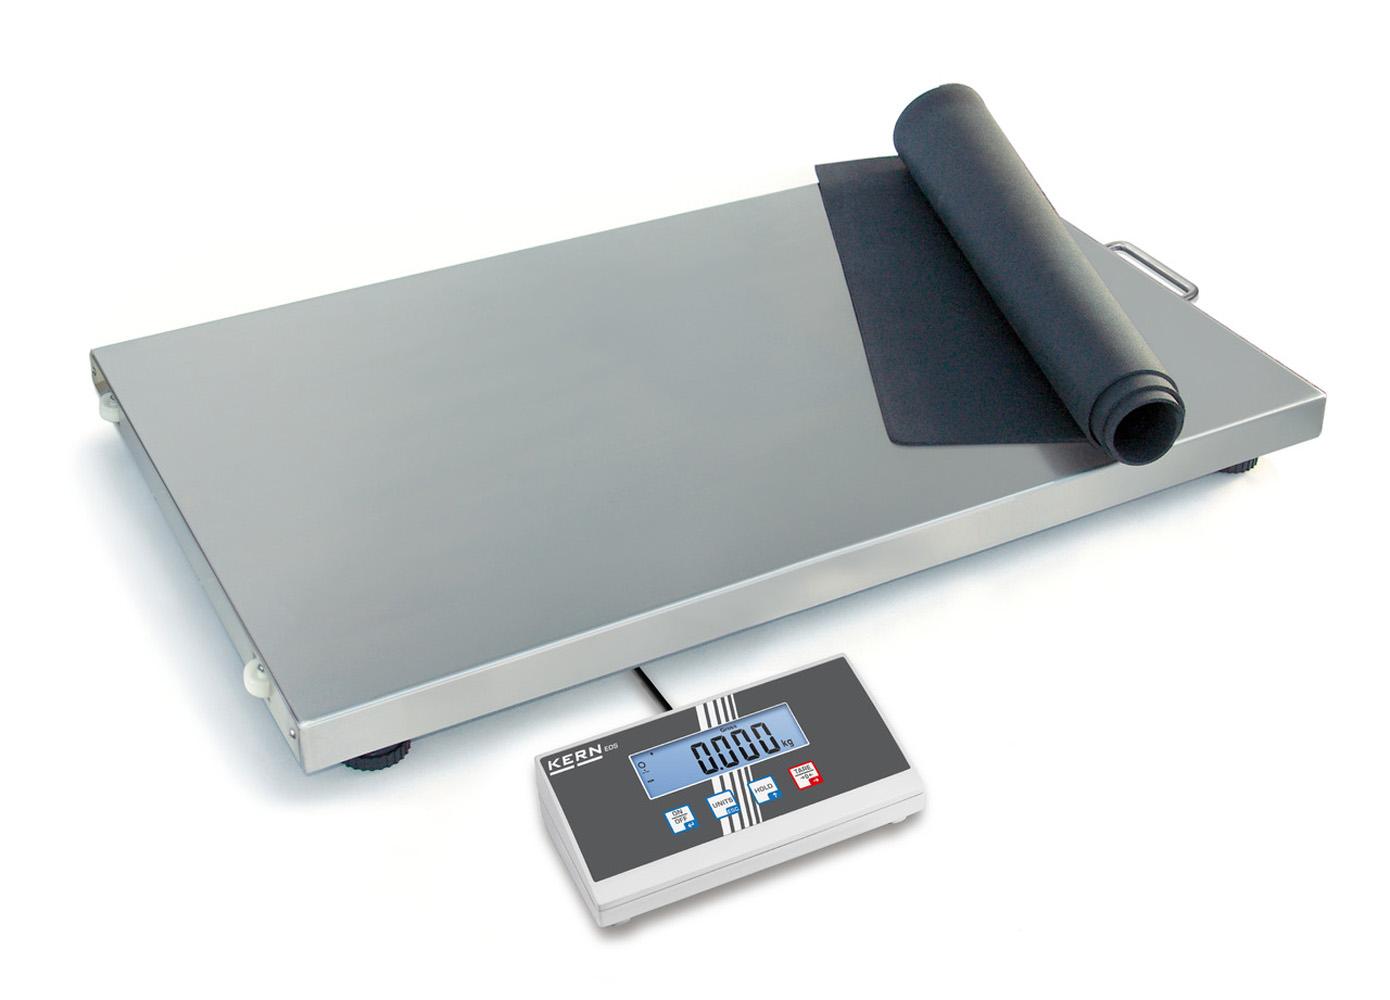 Der Klassiker unter den Paket- und Veterinärwaagen - auch mit XL-Plattform und großen Wägebereichen